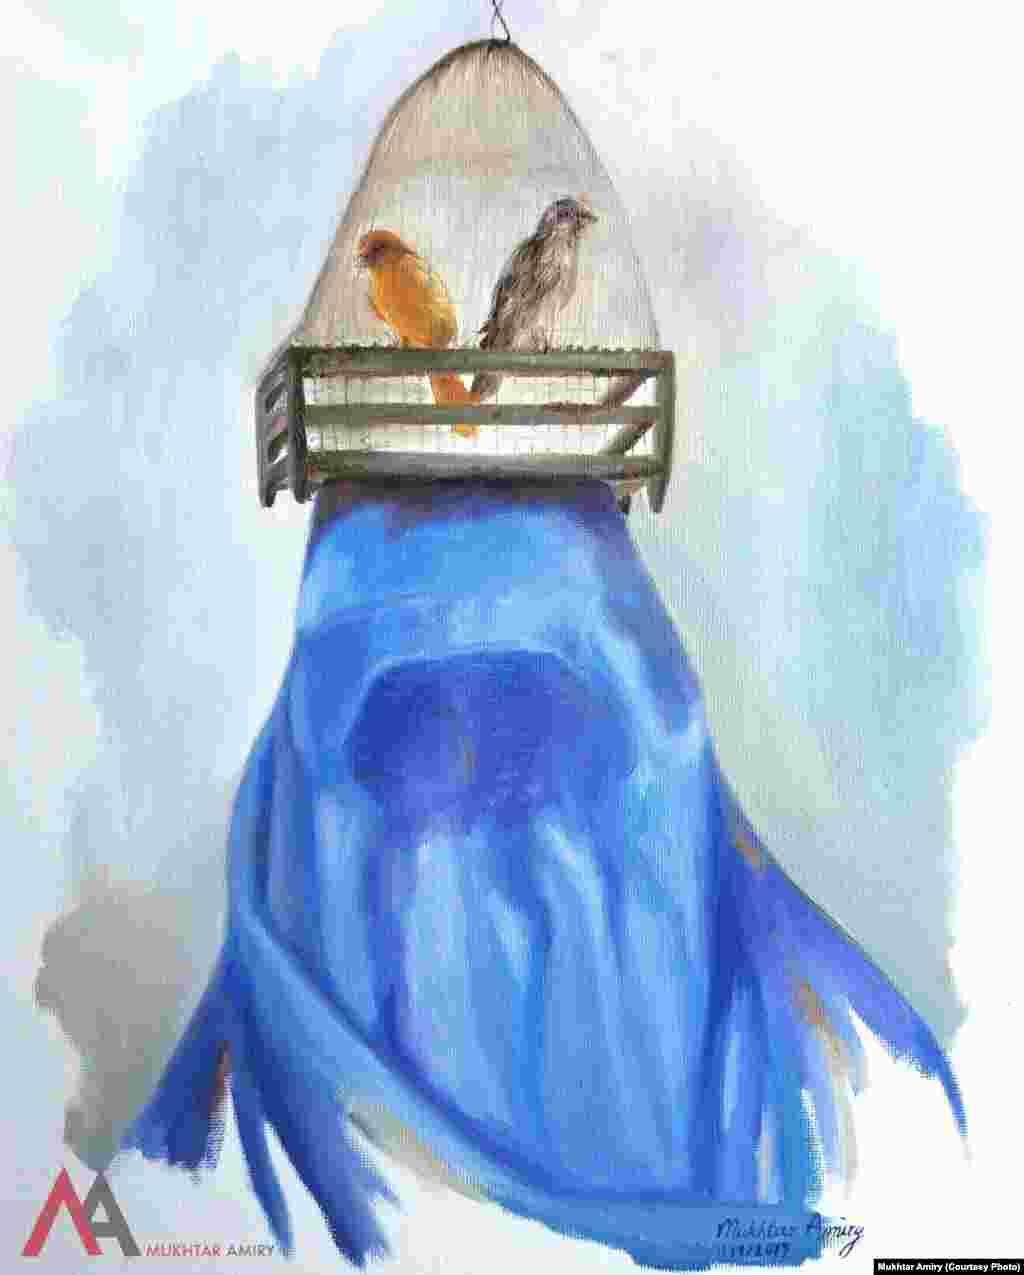 زن افغان در چادری با قفس